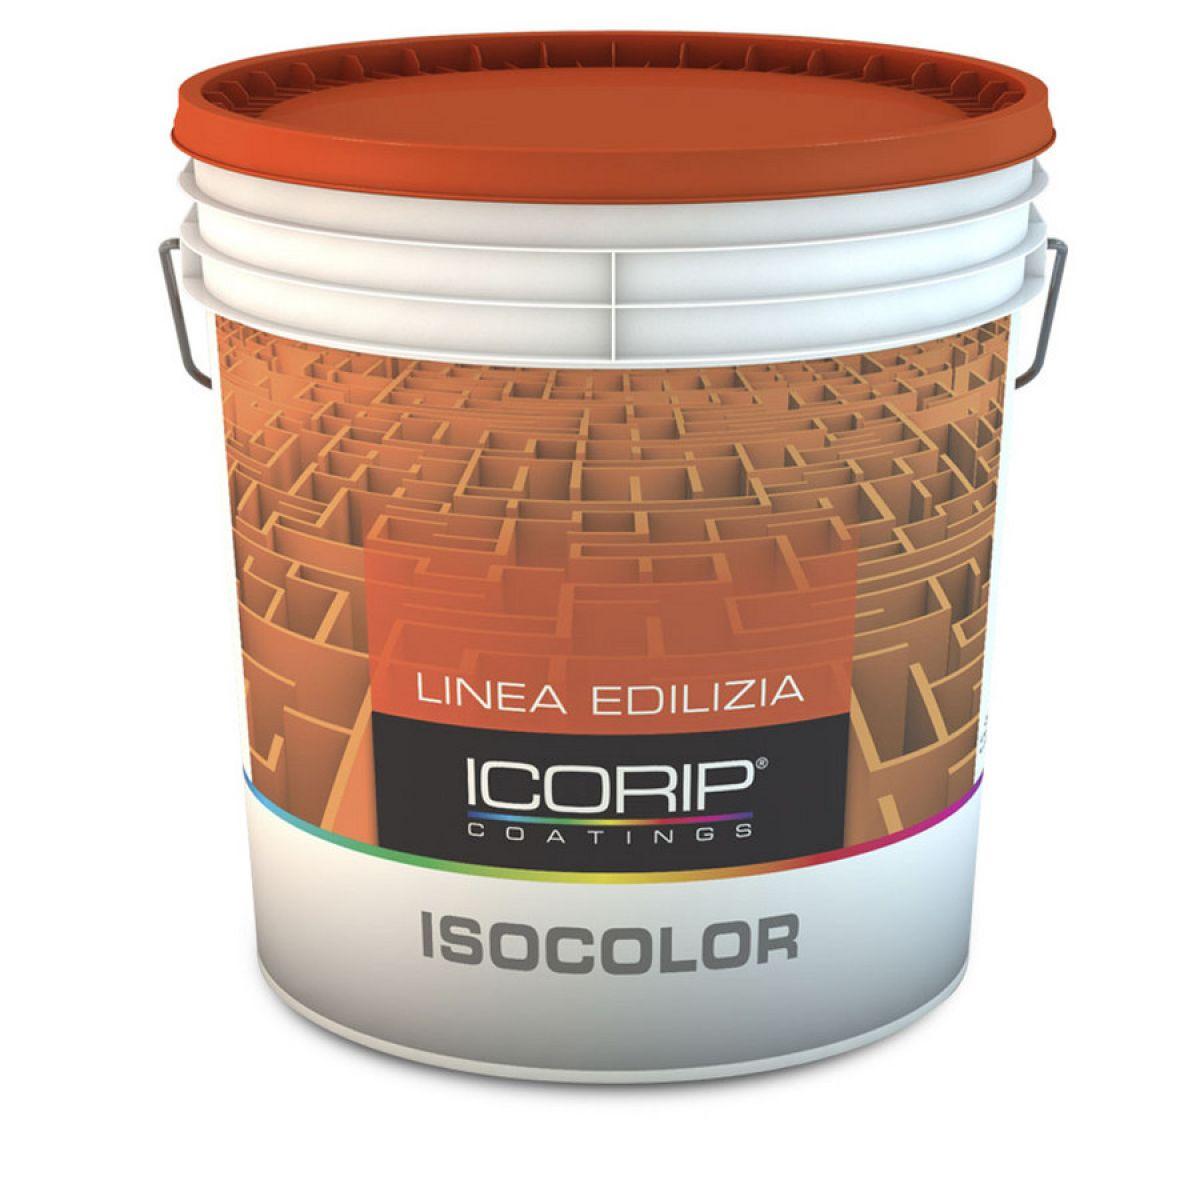 ISOCOLOR Bianco 14 lt Idropittura traspirante microporosa, idrorepellente, per interni ed esterni coperti, particolarmente indicata per bagni e cucine